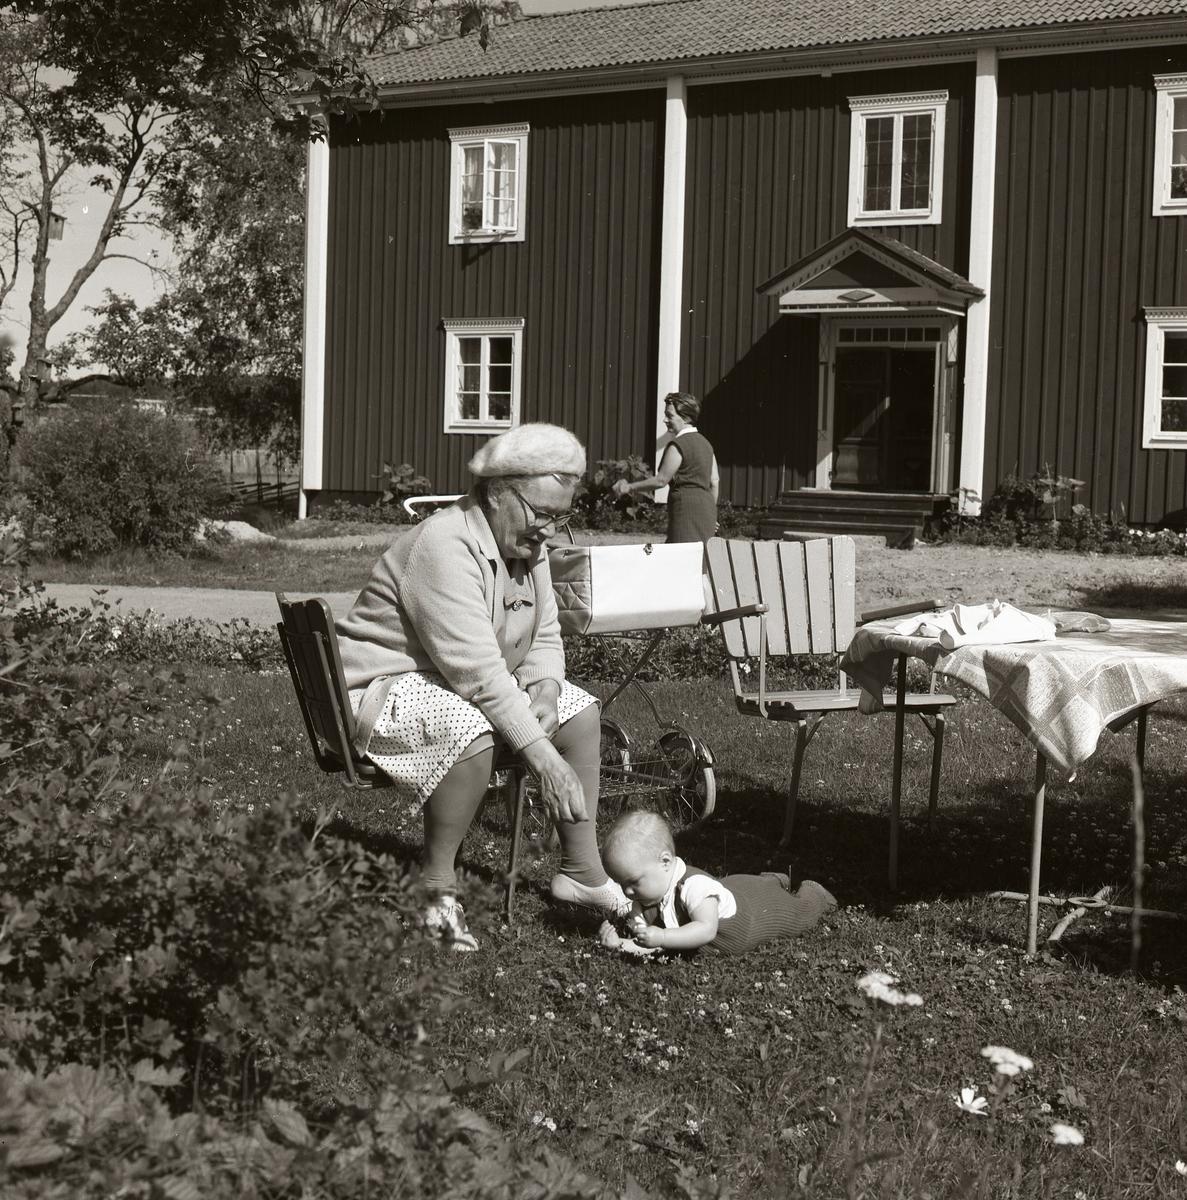 En kvinna sitter på en trädgårdsstol och passar ett litet barn som ligger på marken framför henne. I bakgrunden syns bostadshuset på gården Sunnanåker, 1970.